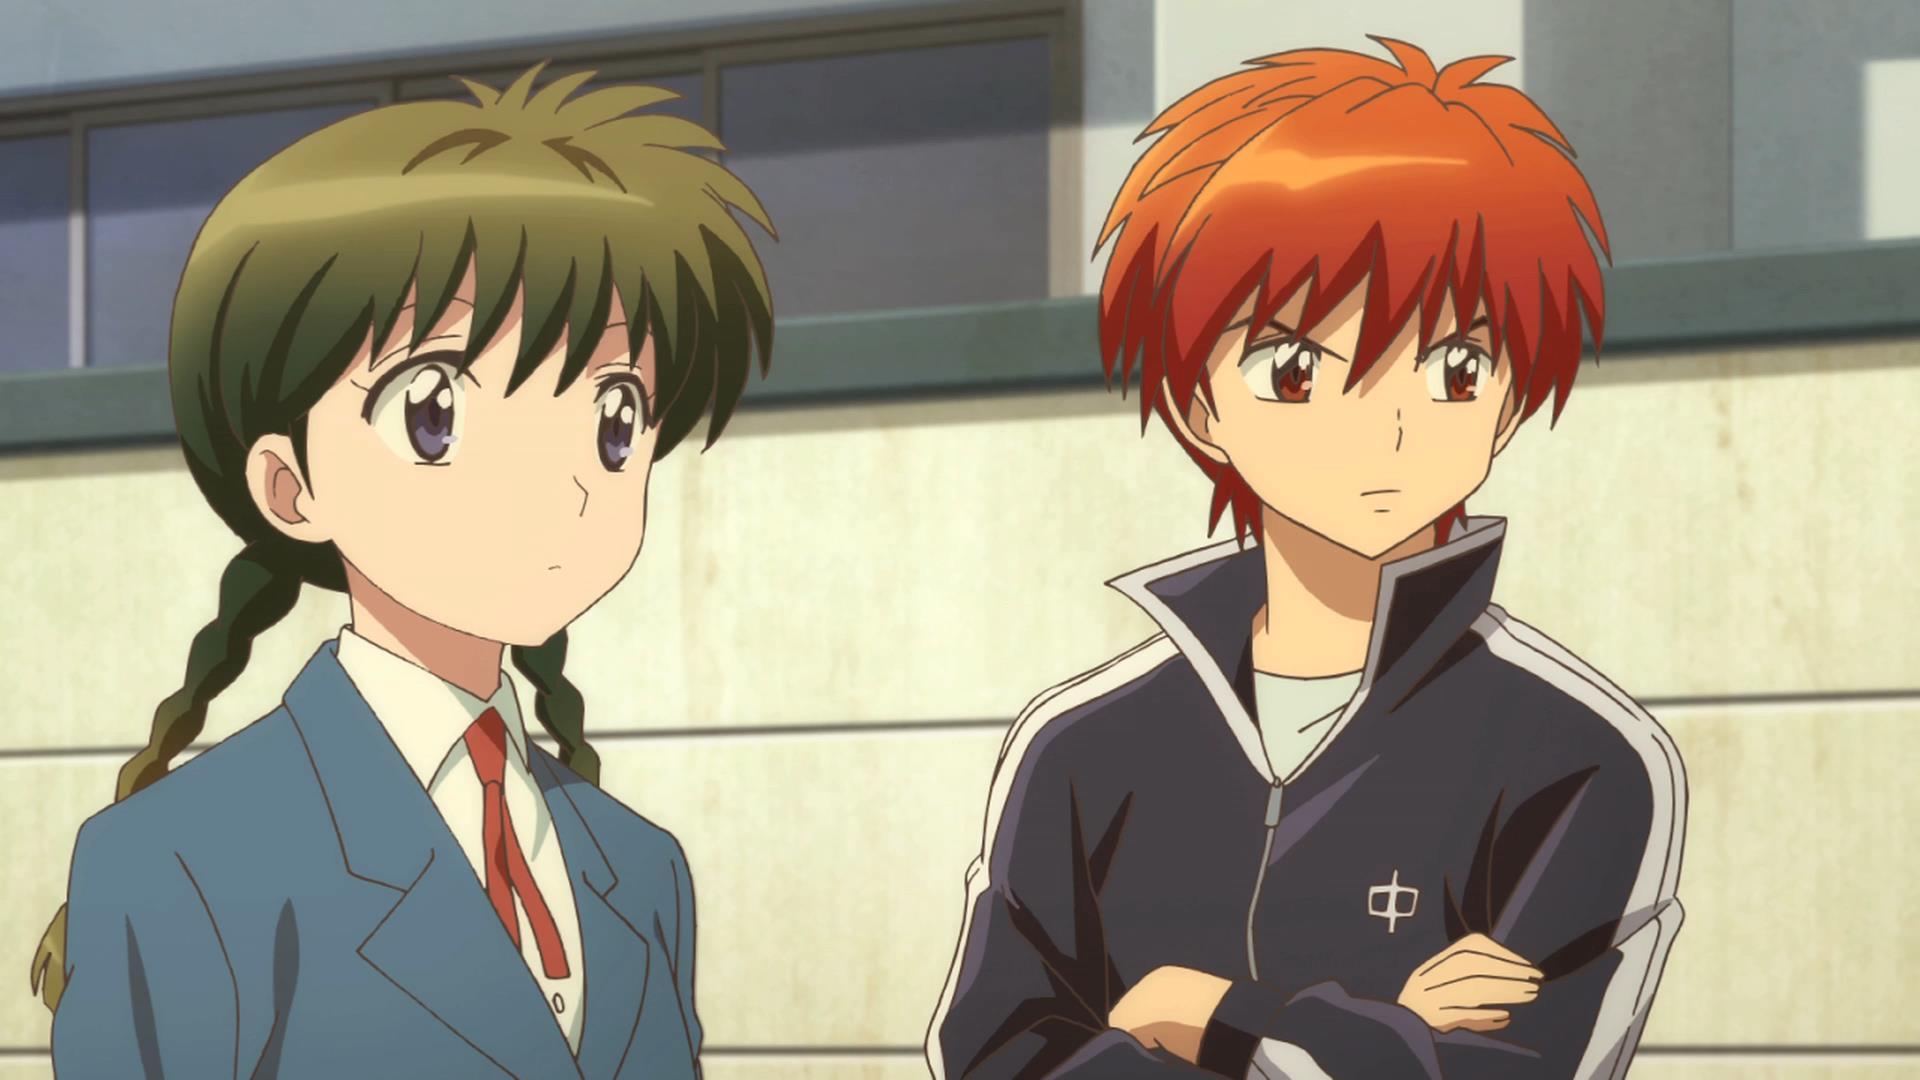 imagenes-anime-kyokai-no-rinne-sakura-rinne